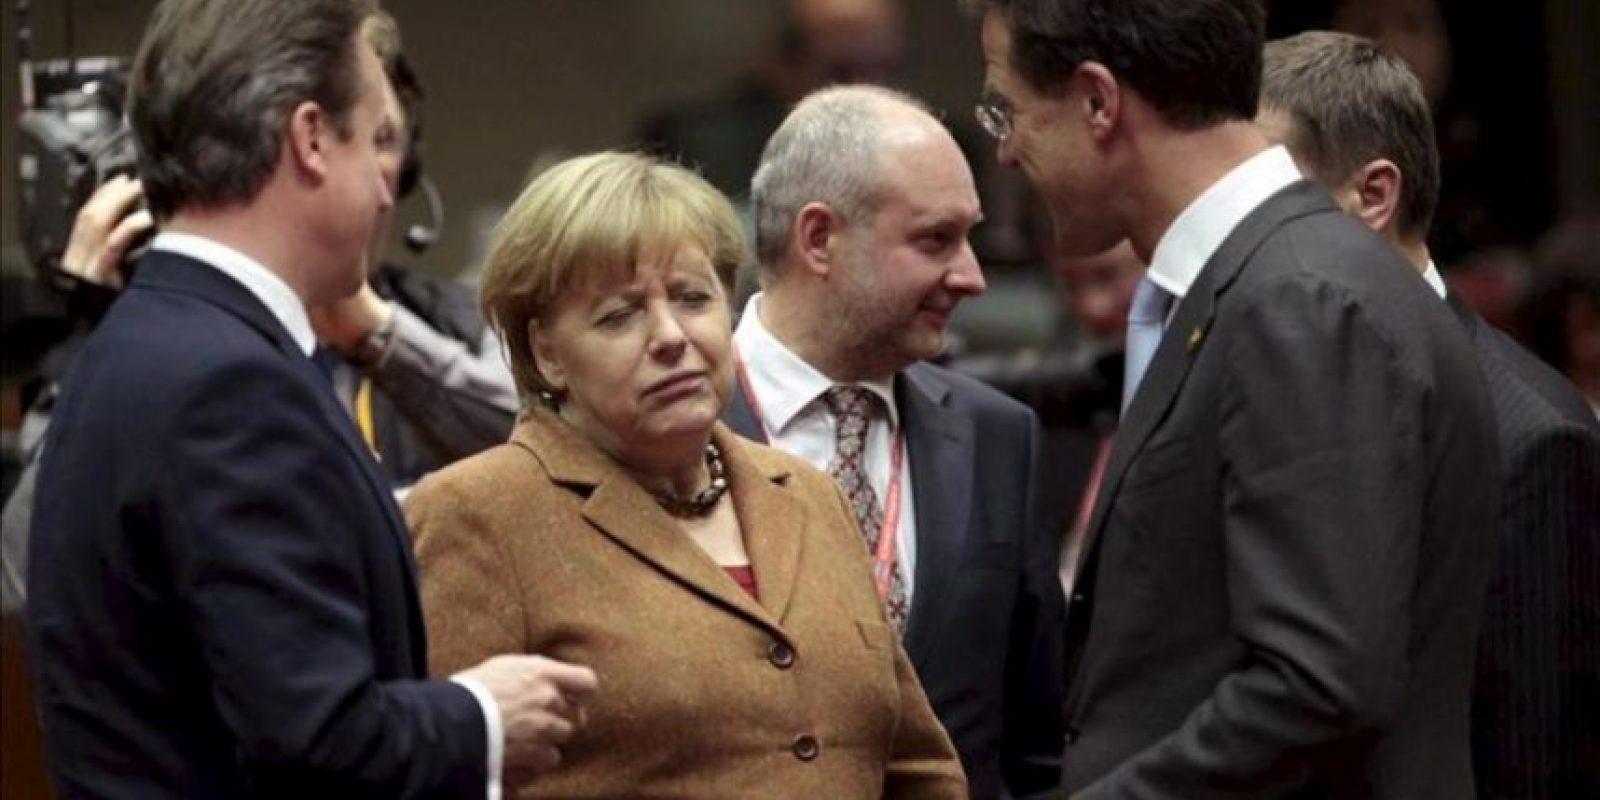 La canciller alemana, Angela Merkel, habla con el primer ministro británico, David Cameron, y el de Dinamarca, Mark Rutte, durante la cumbre extraordinaria para negociar el presupuesto plurianual para 2014-2020. EFE